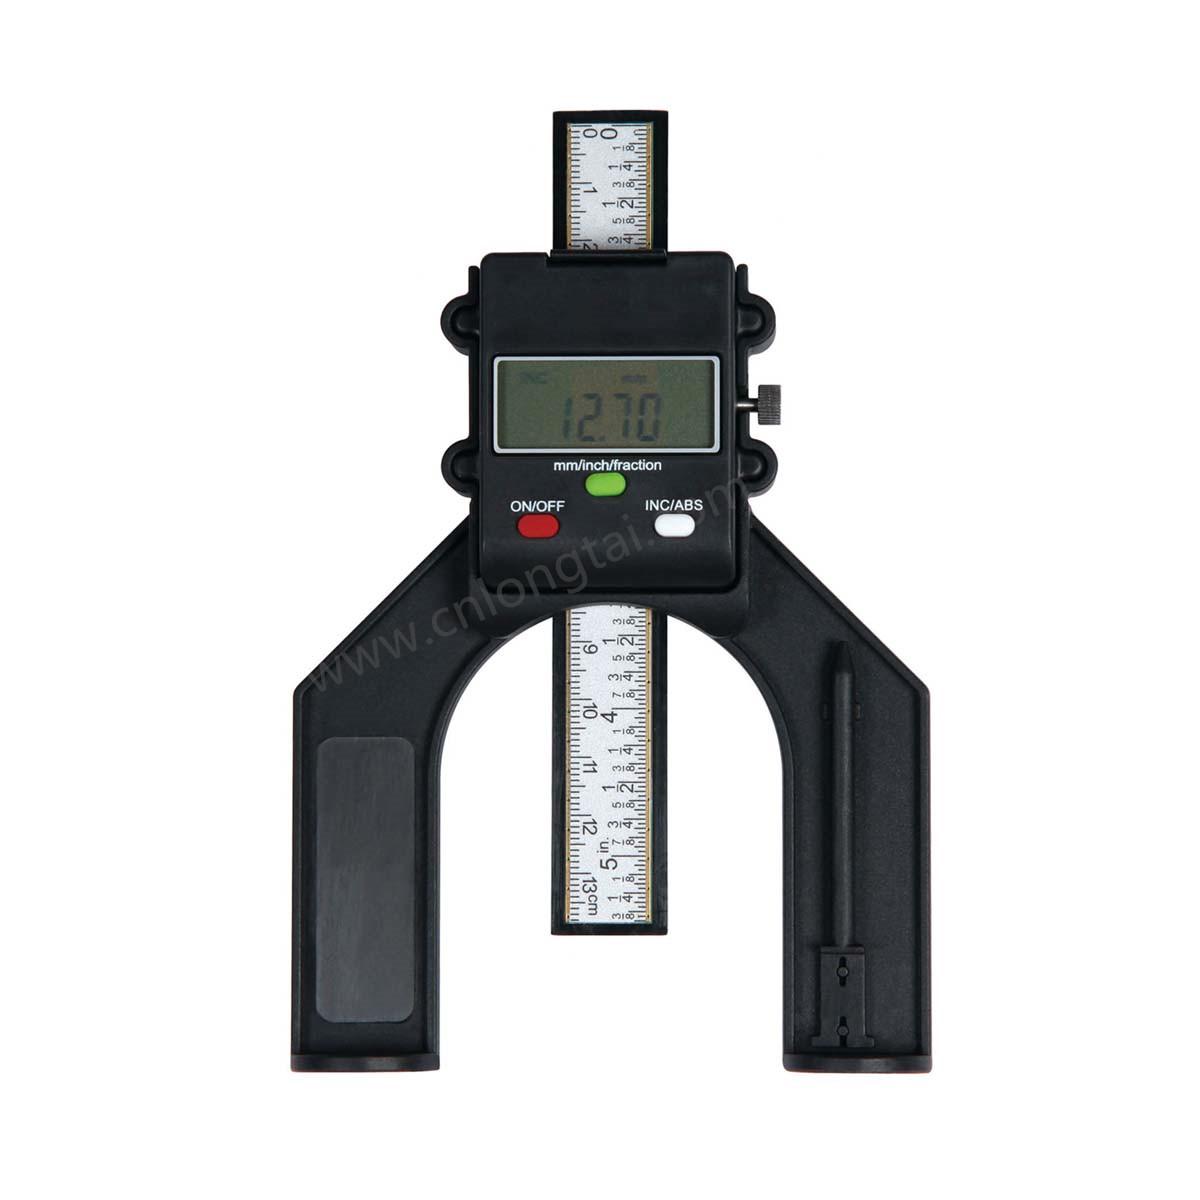 Digital Depth Micrometer LT-S39